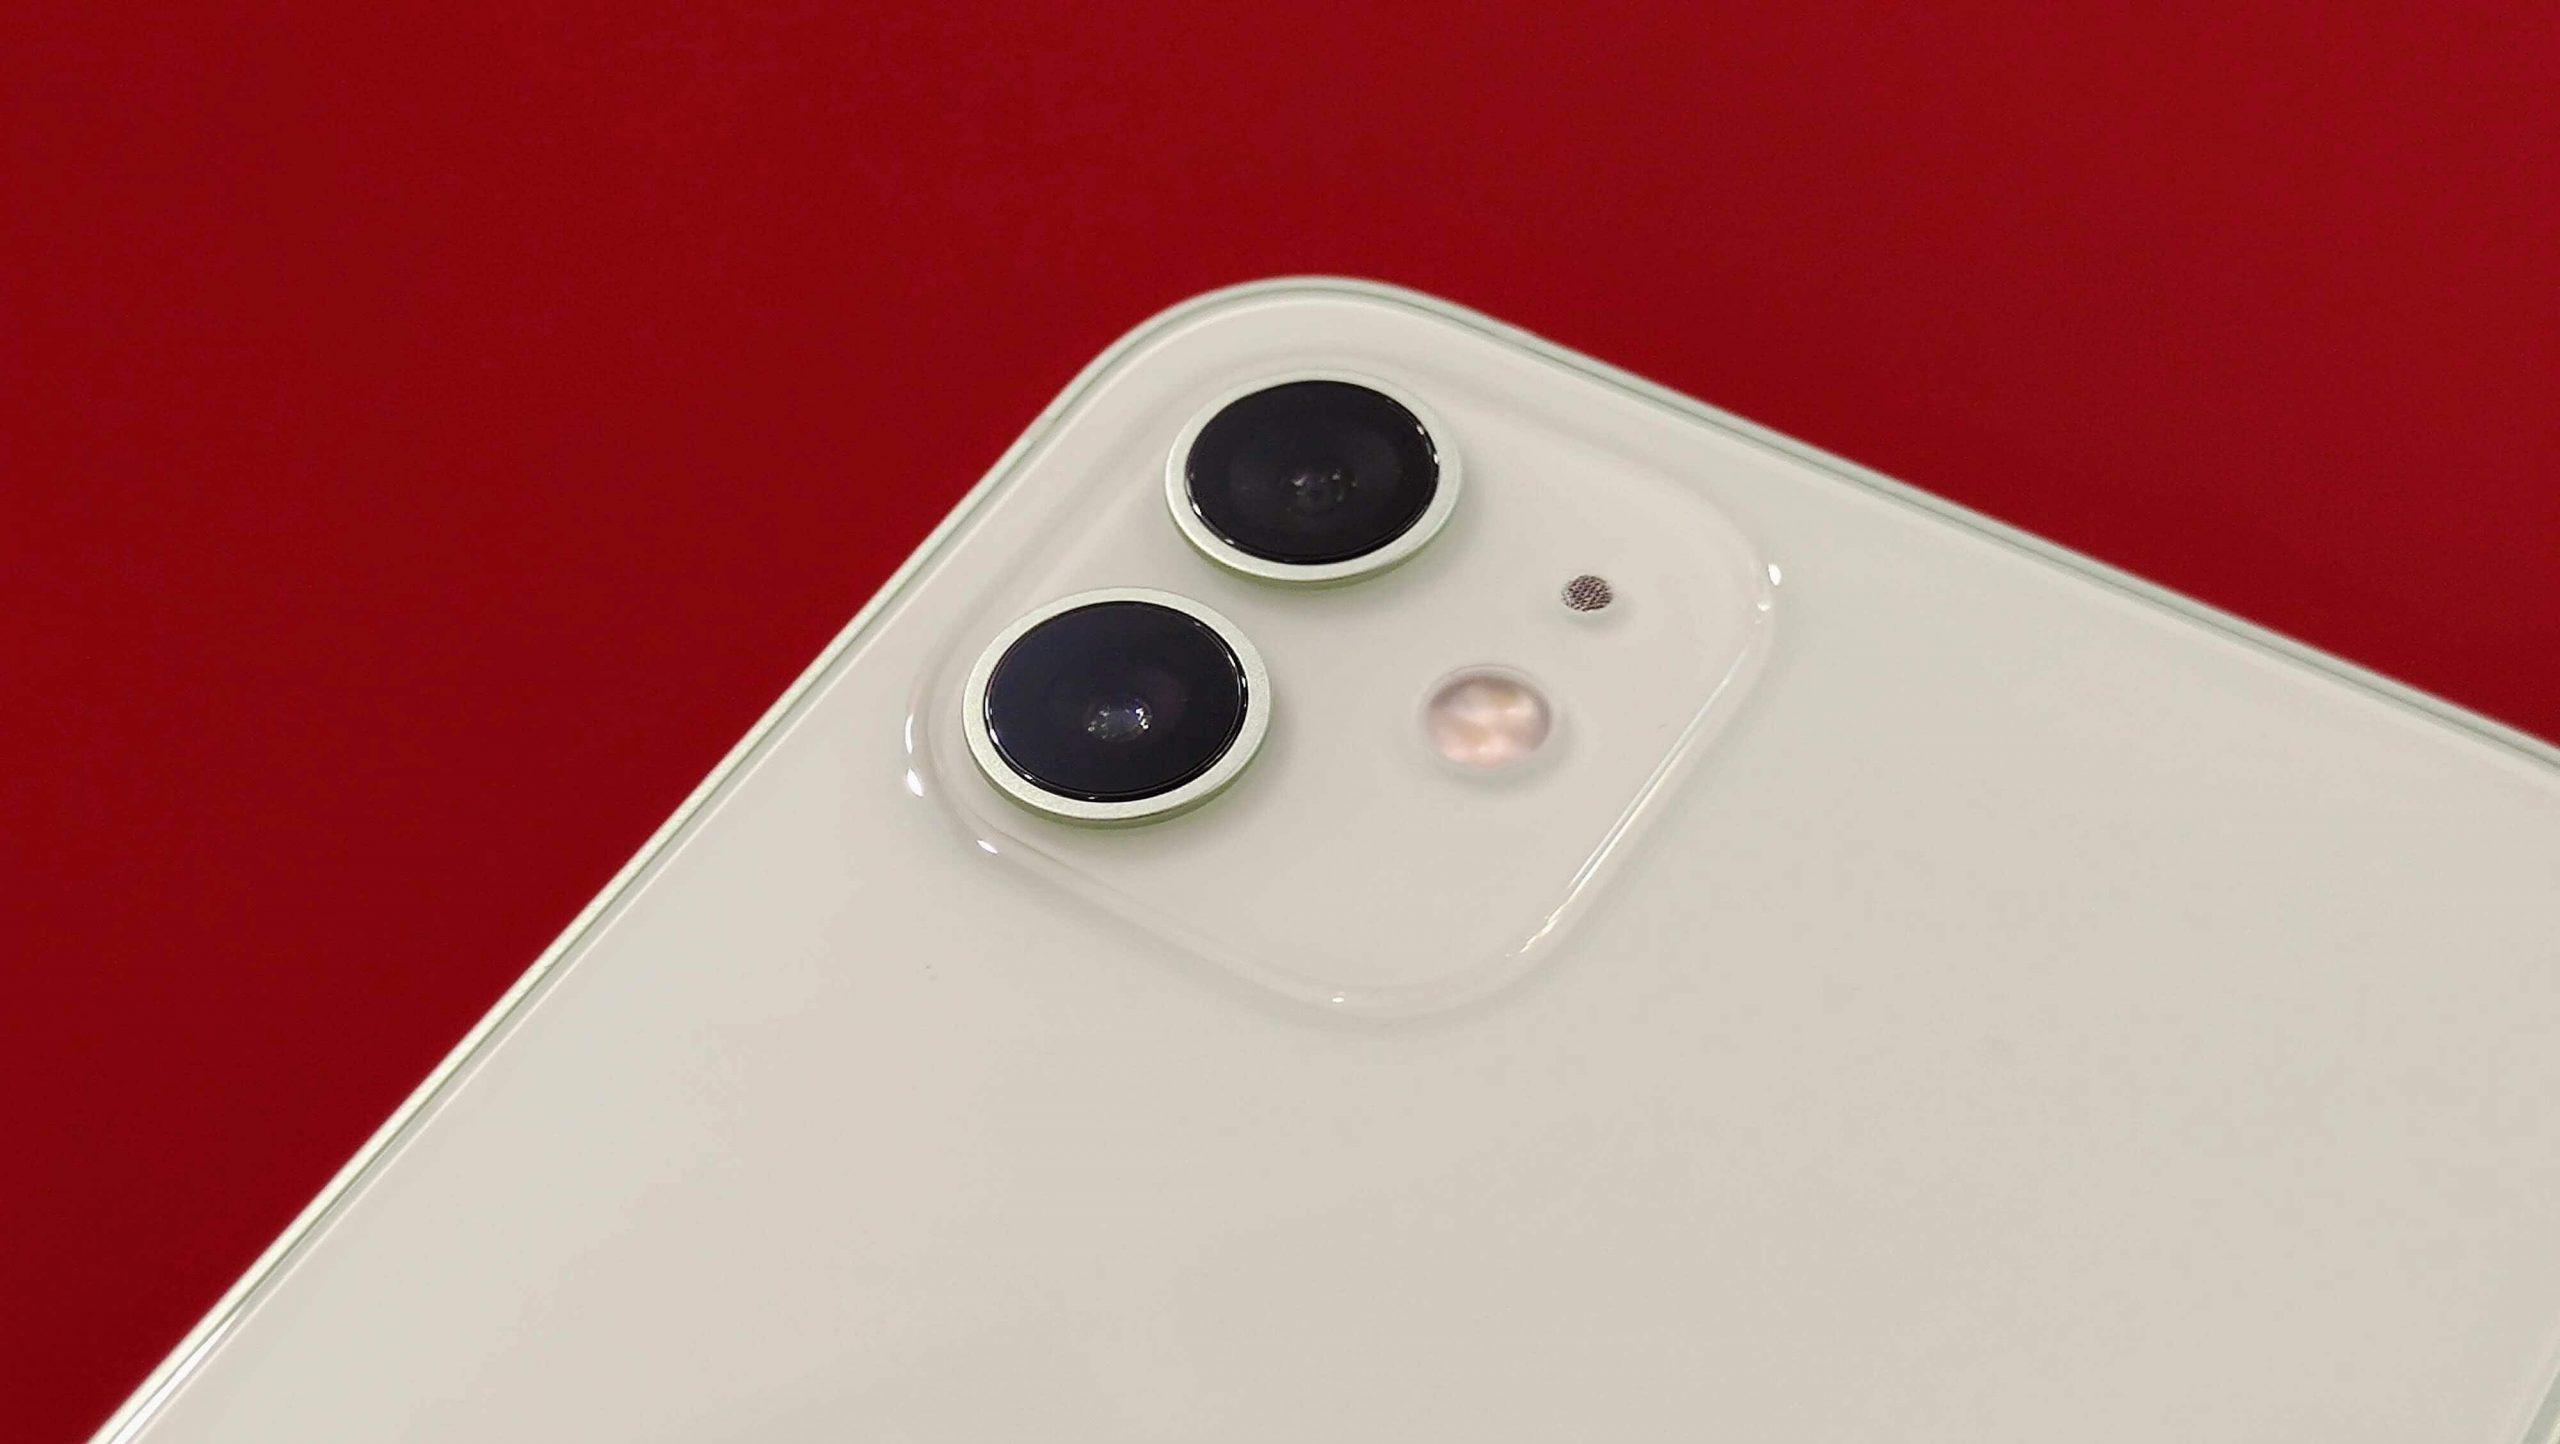 iPhone 12 rear camera